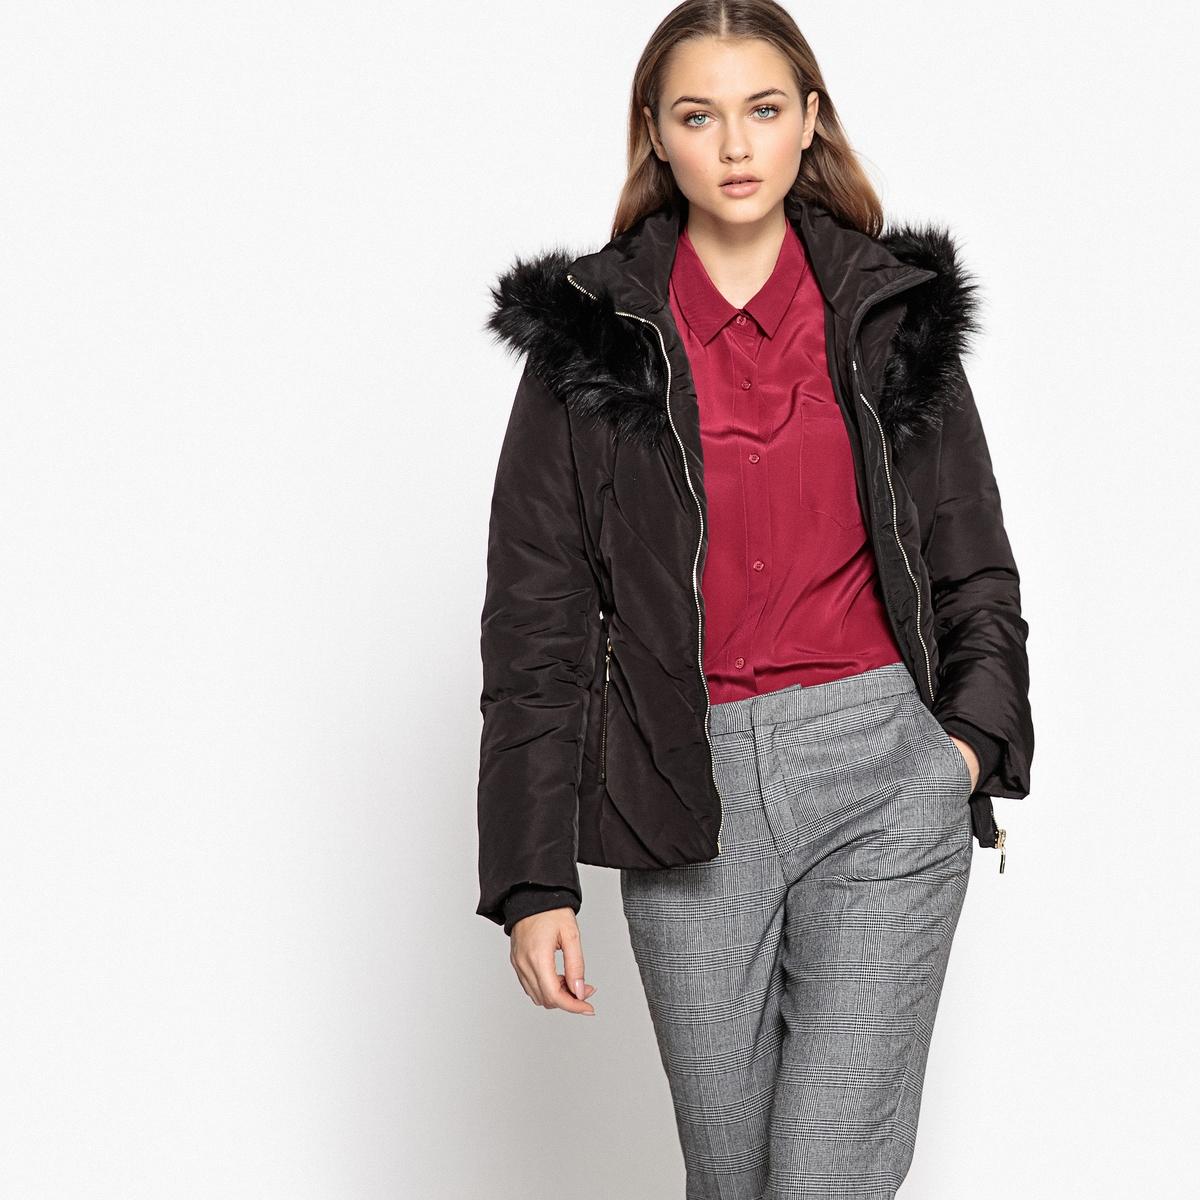 Куртка стеганая с капюшономБлагодаря этой стеганой куртке с капюшоном вы будете в тепле этой зимой . Стильная, женственная и современная, в этой куртке есть все, чтобы вам понравиться . Детали •  Длина  : укороченная   •  Капюшон •  Застежка на молнию •  С капюшономСостав и уход •  100% полиэстер •  Подкладка : 100% полиэстер •  Наполнитель : 70% пуха, 30% пера •  Следуйте советам по уходу, указанным на этикетке •  Длина  : 65 см<br><br>Цвет: коричневый,черный<br>Размер: 44 (FR) - 50 (RUS).46 (FR) - 52 (RUS).42 (FR) - 48 (RUS)